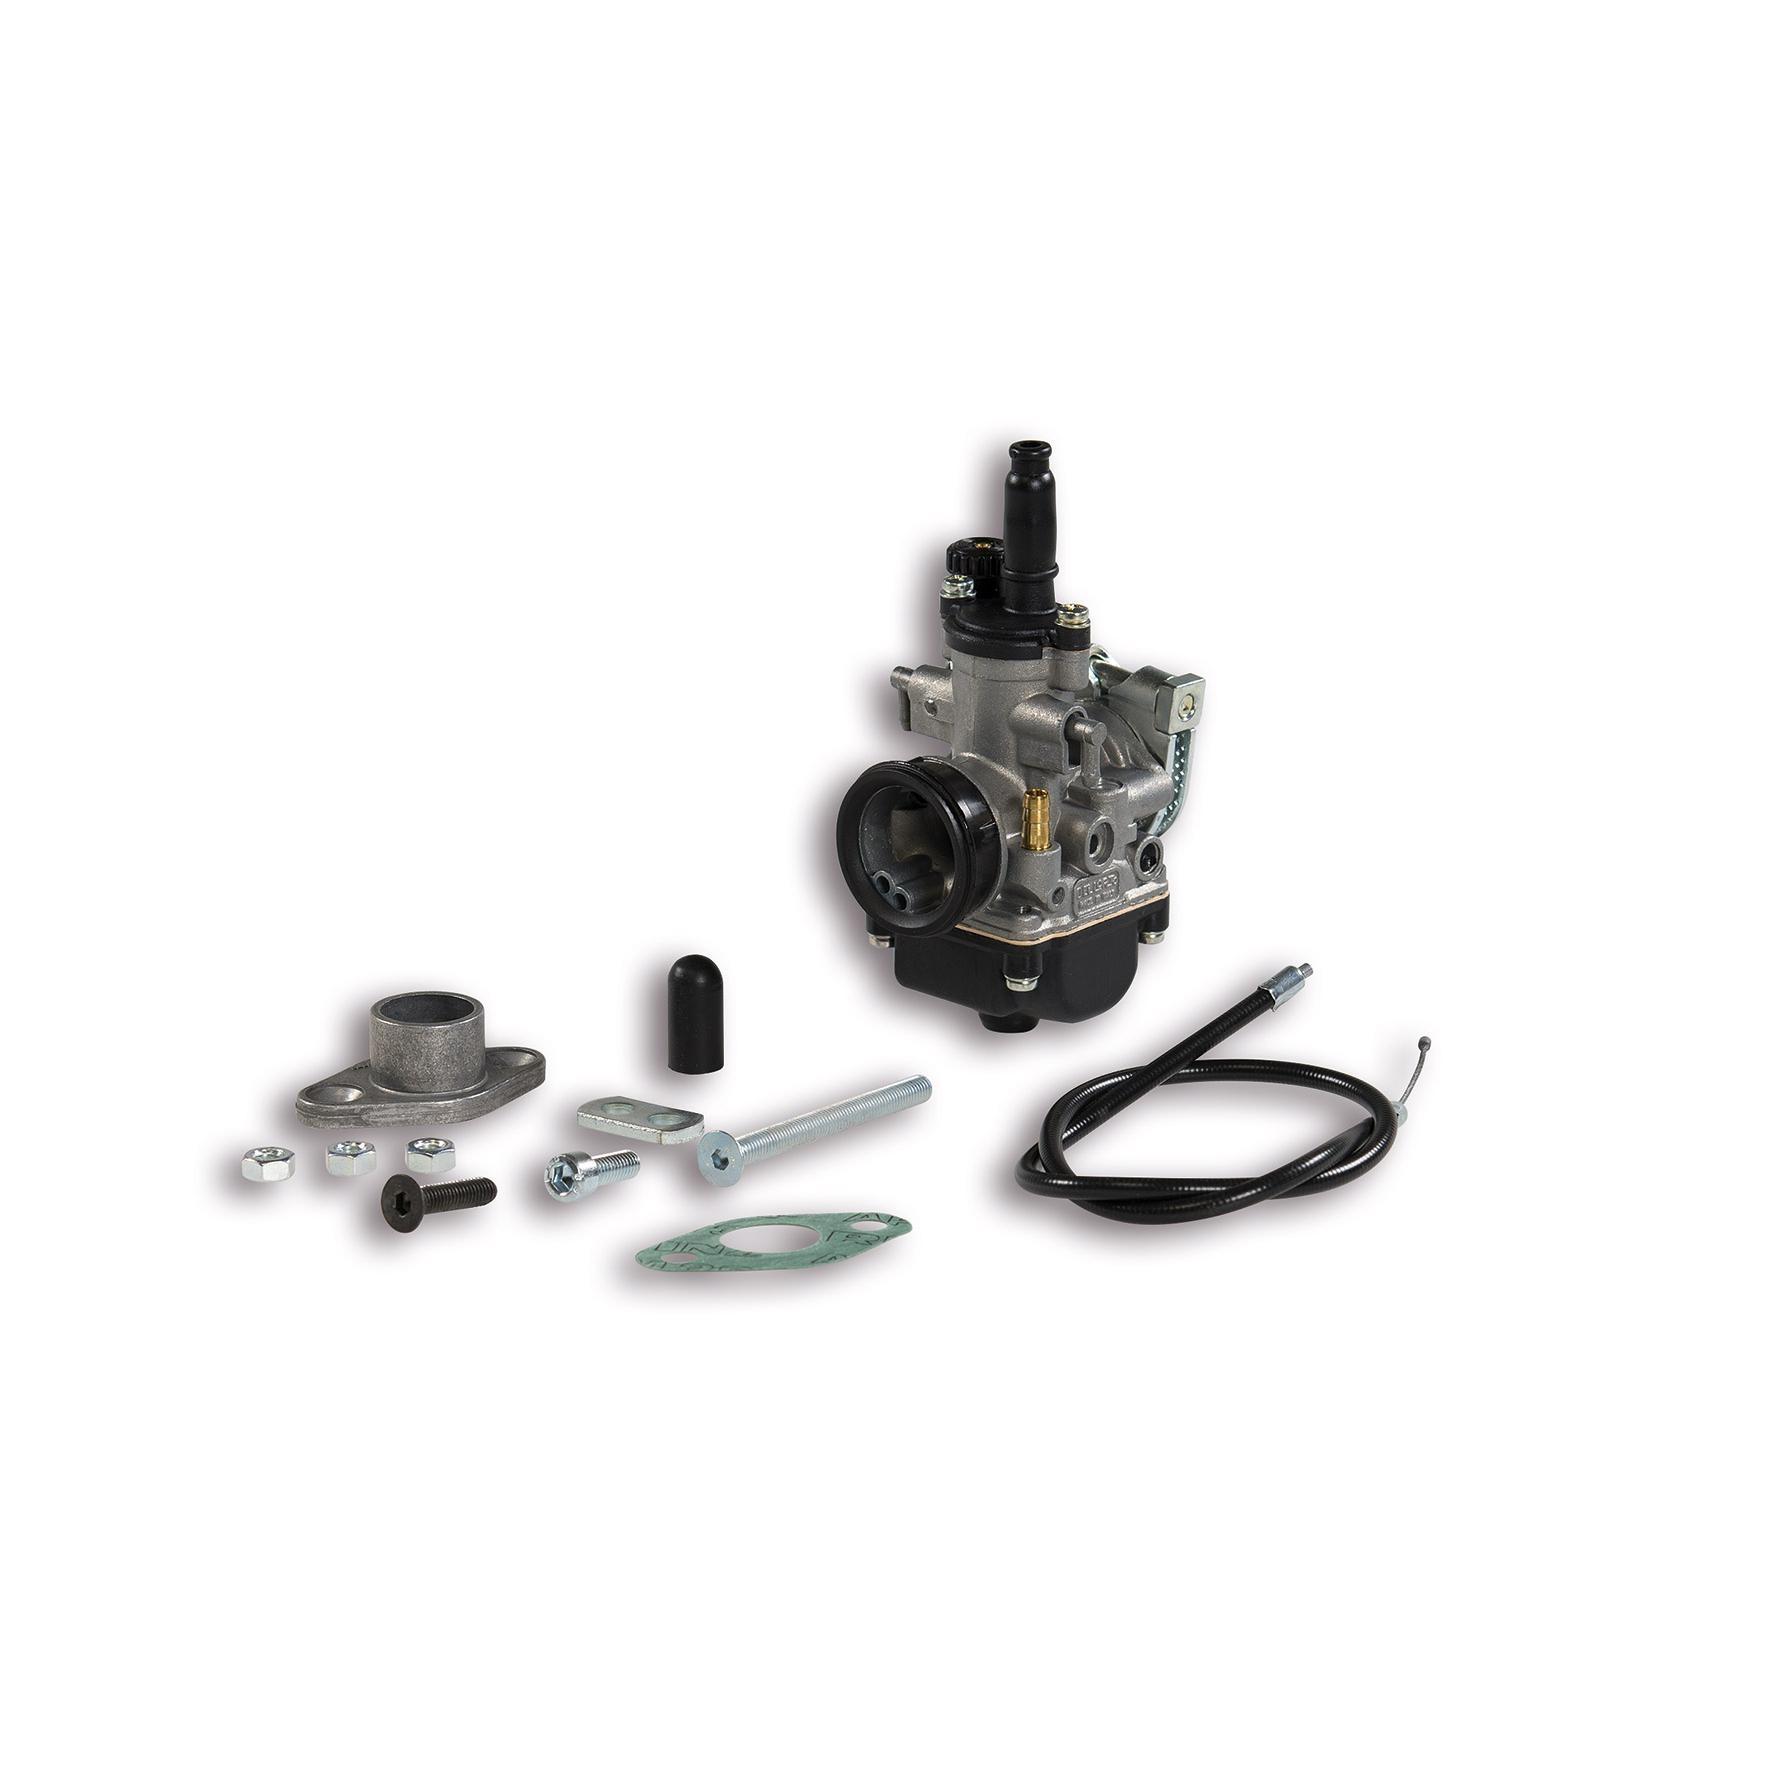 Kit carburateur Malossi PHBG 19 AS Honda Sh 50 -1995